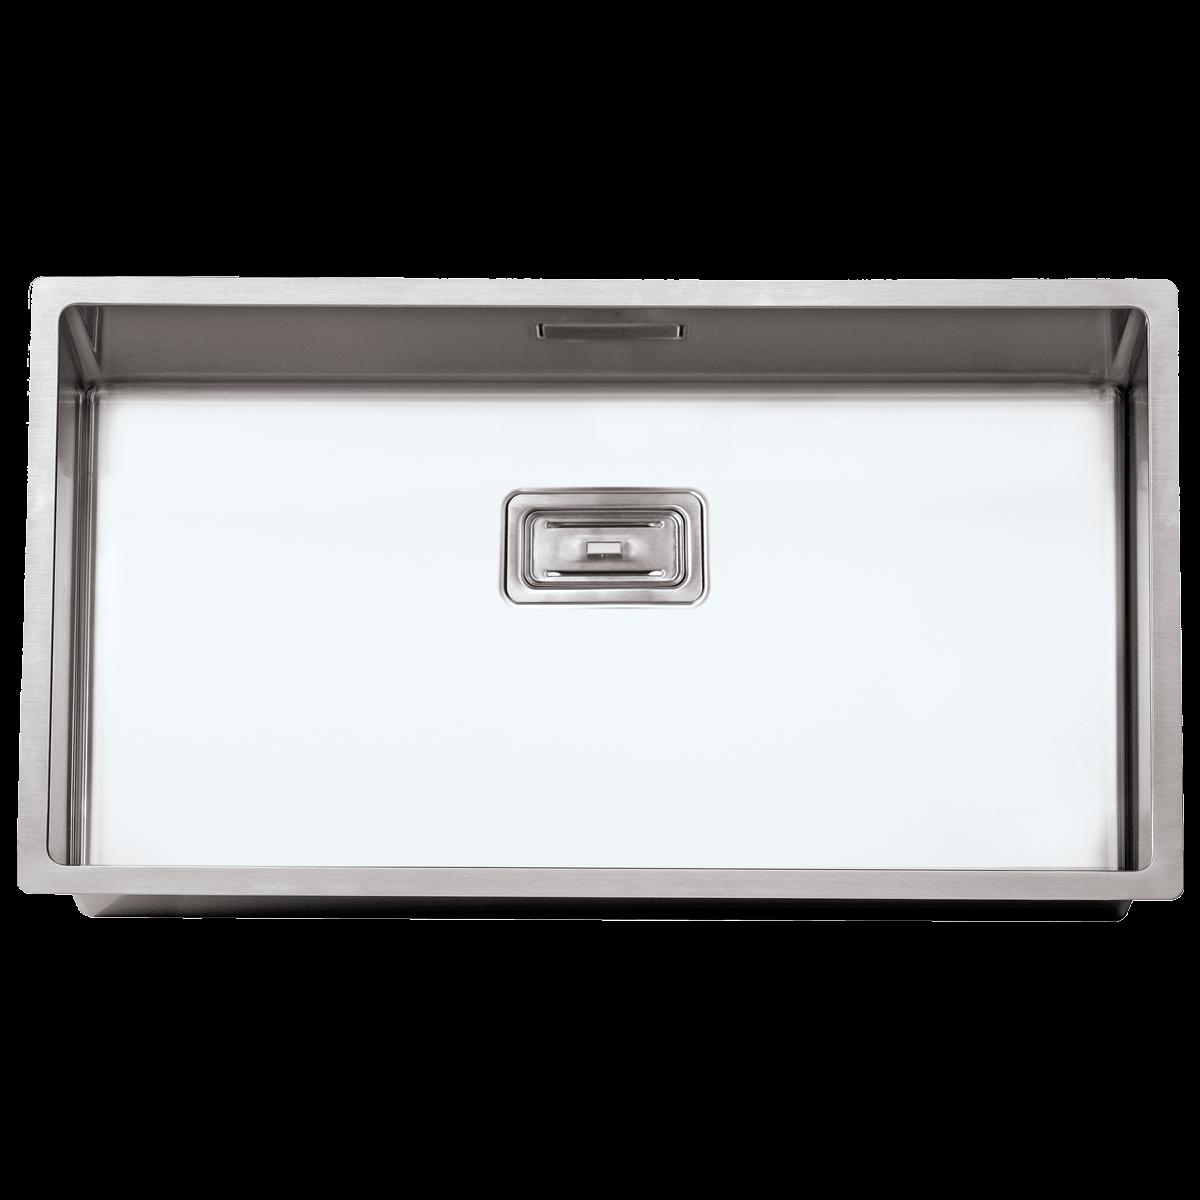 Evier en inox Rodi Box Lux Box Lux 74 BRO finition satiné couleur inox 740x400 avec 1 cuve vidage manuel Box Lux 74